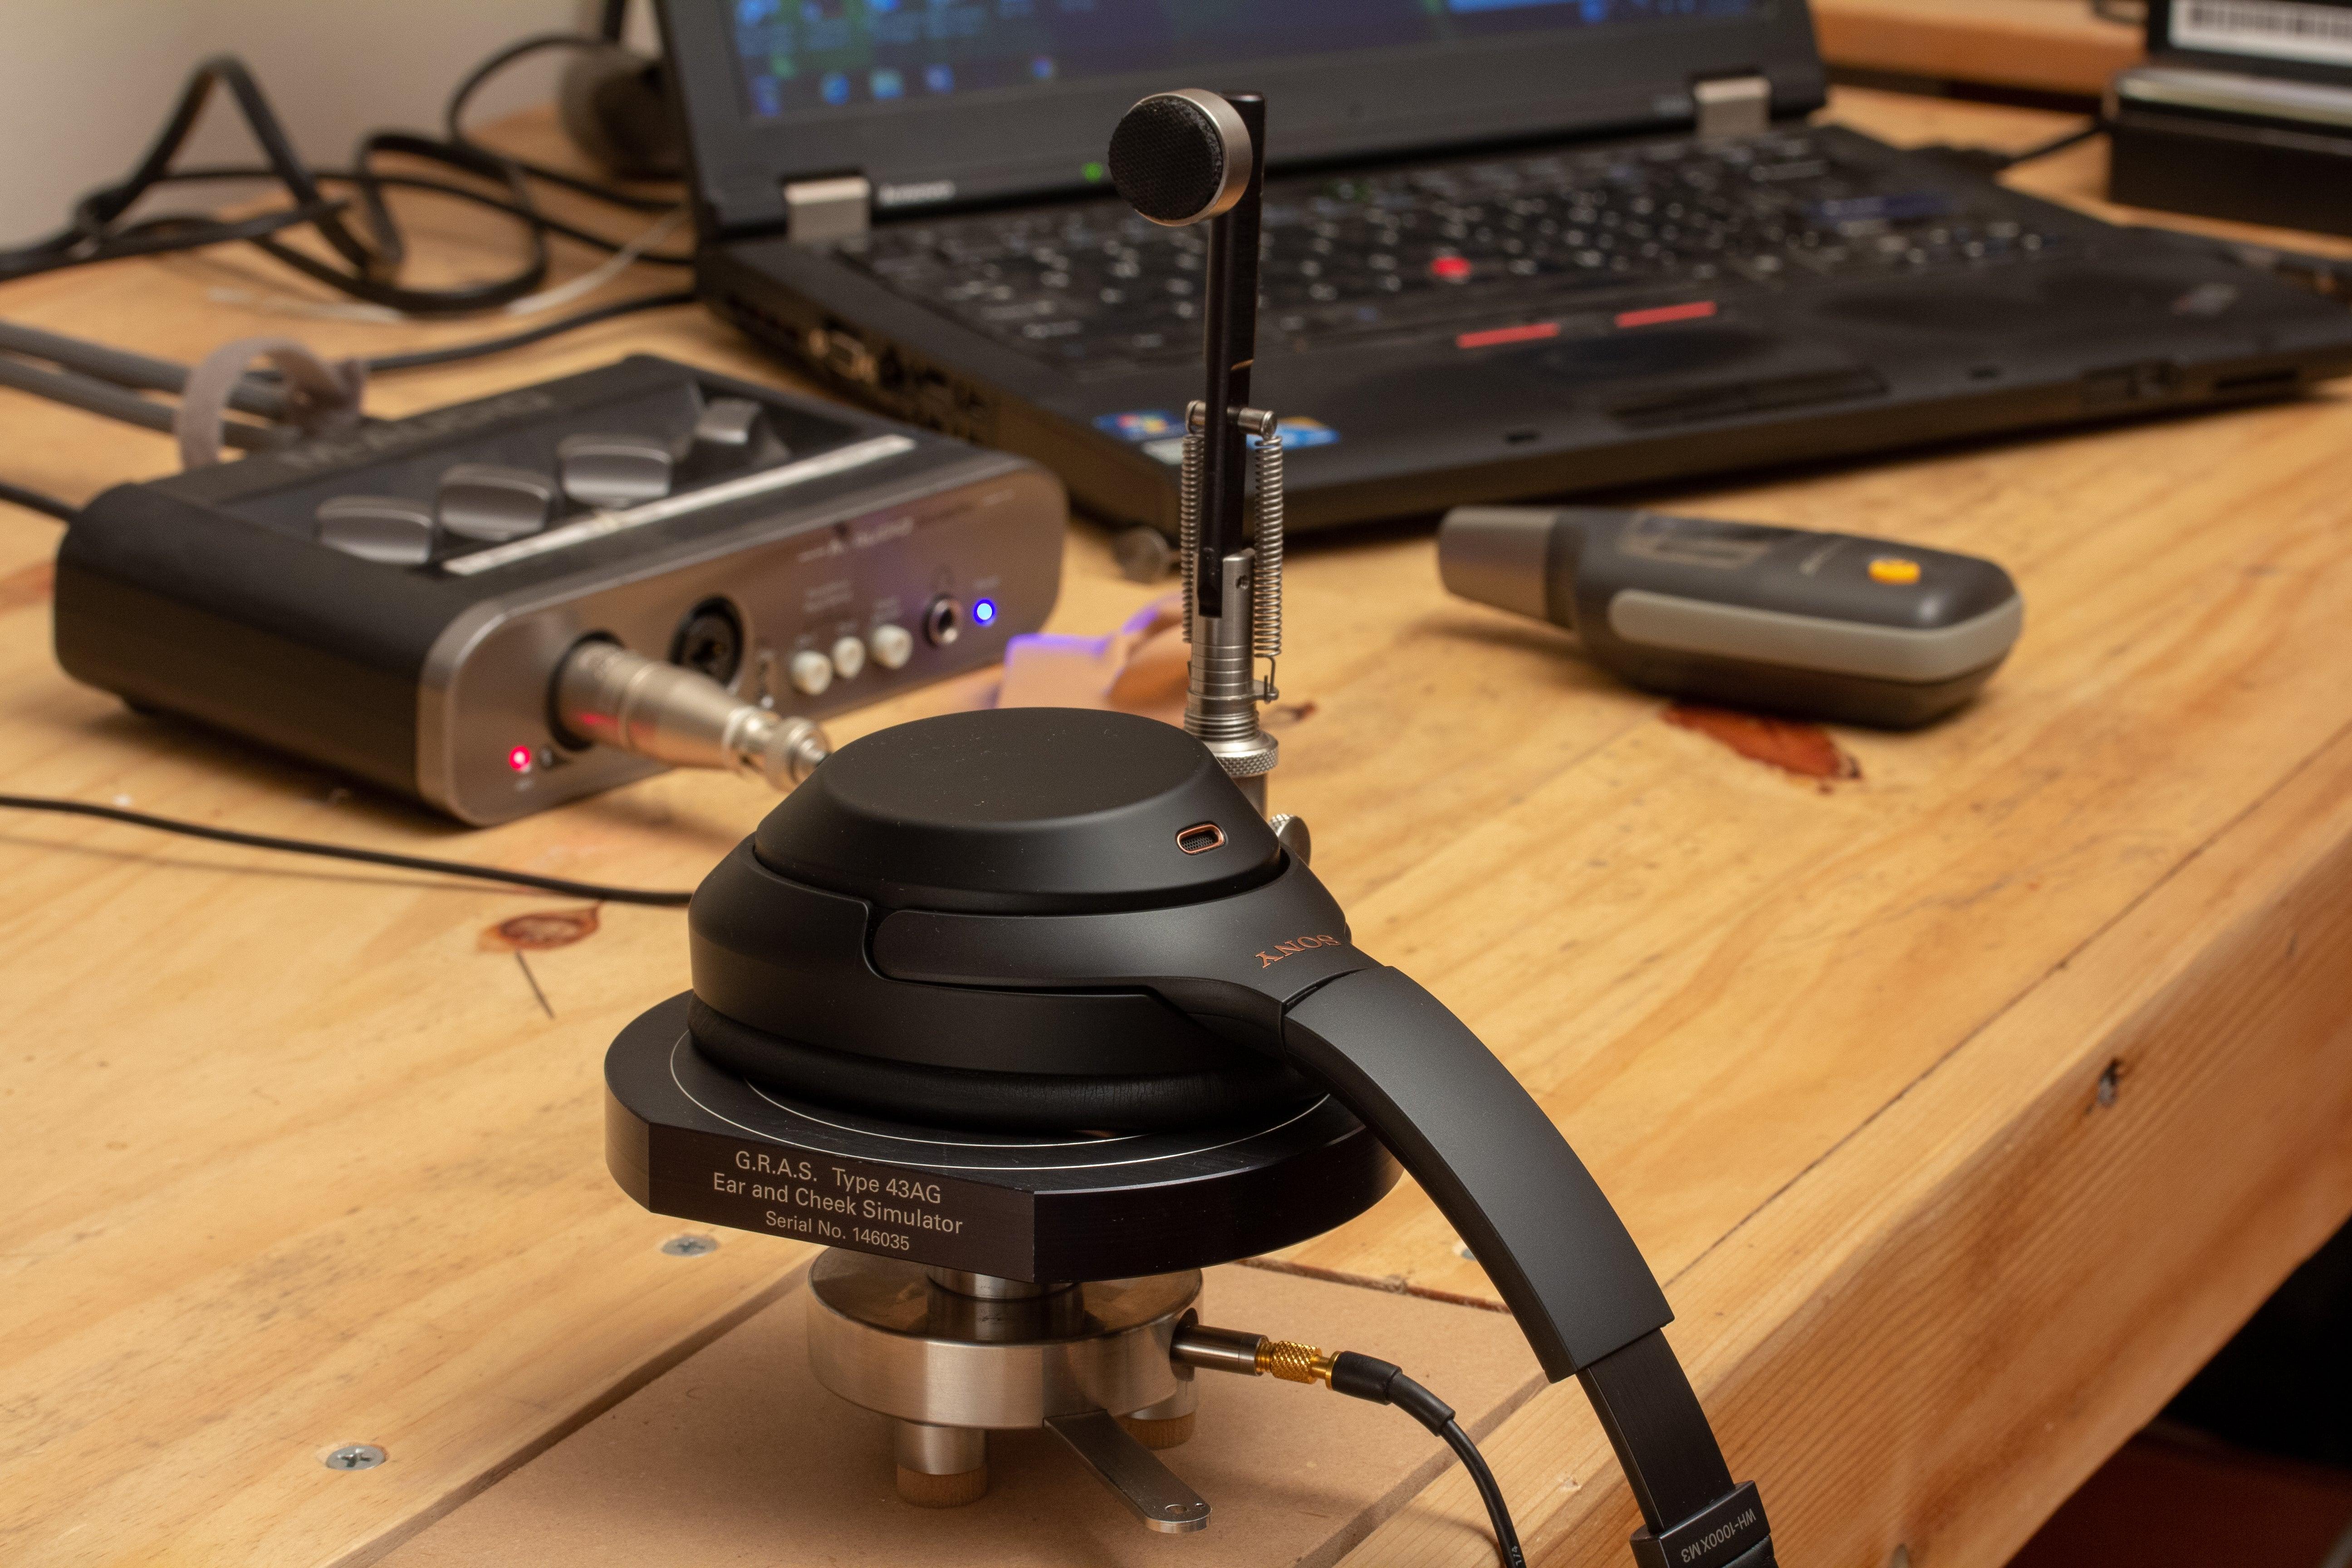 GRAS 43AG ear-and-cheek simulator.